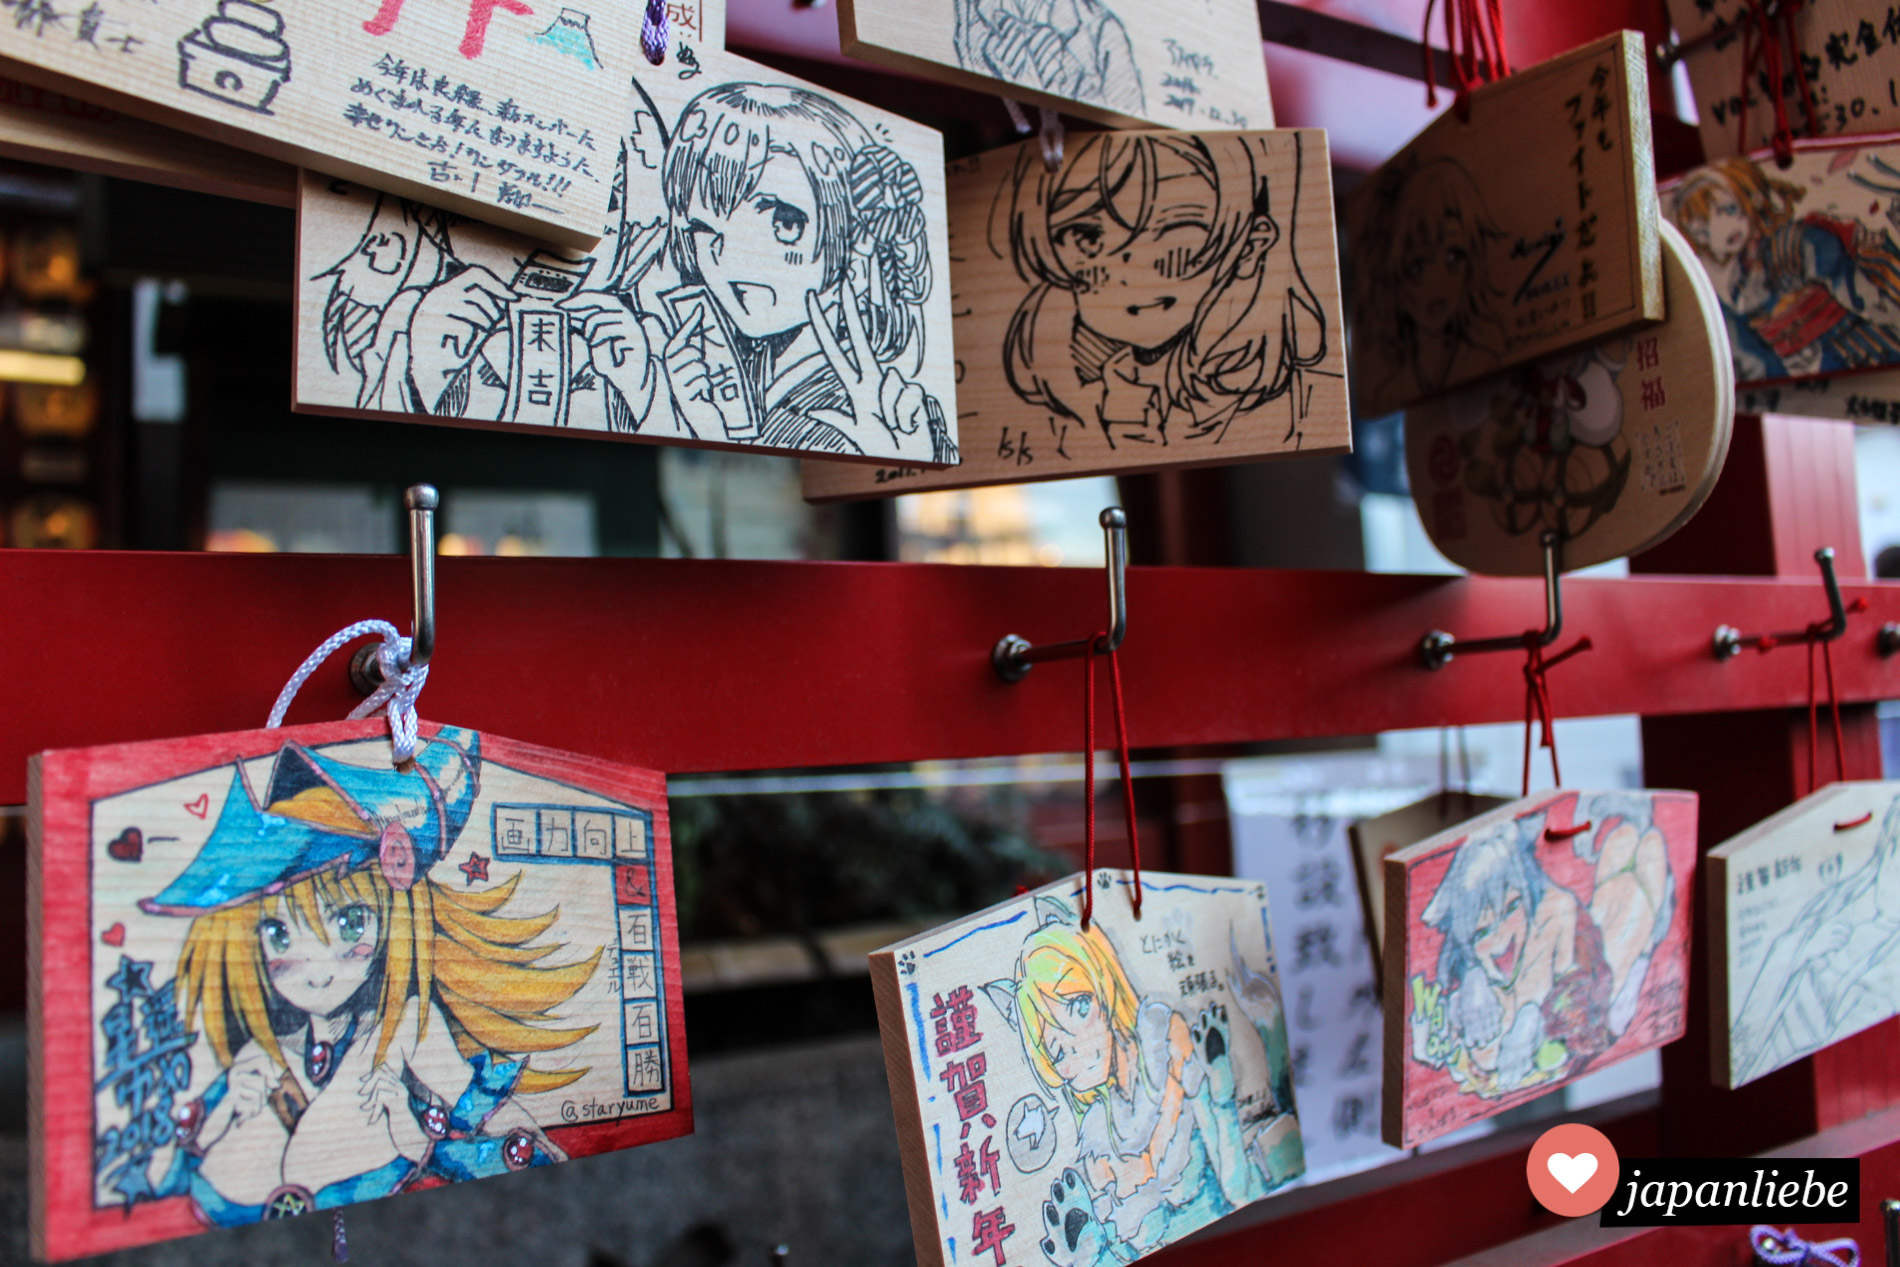 Der Kanda Myojin Schrein hat viele liebevoll gestaltete ema Wunschtafeln.